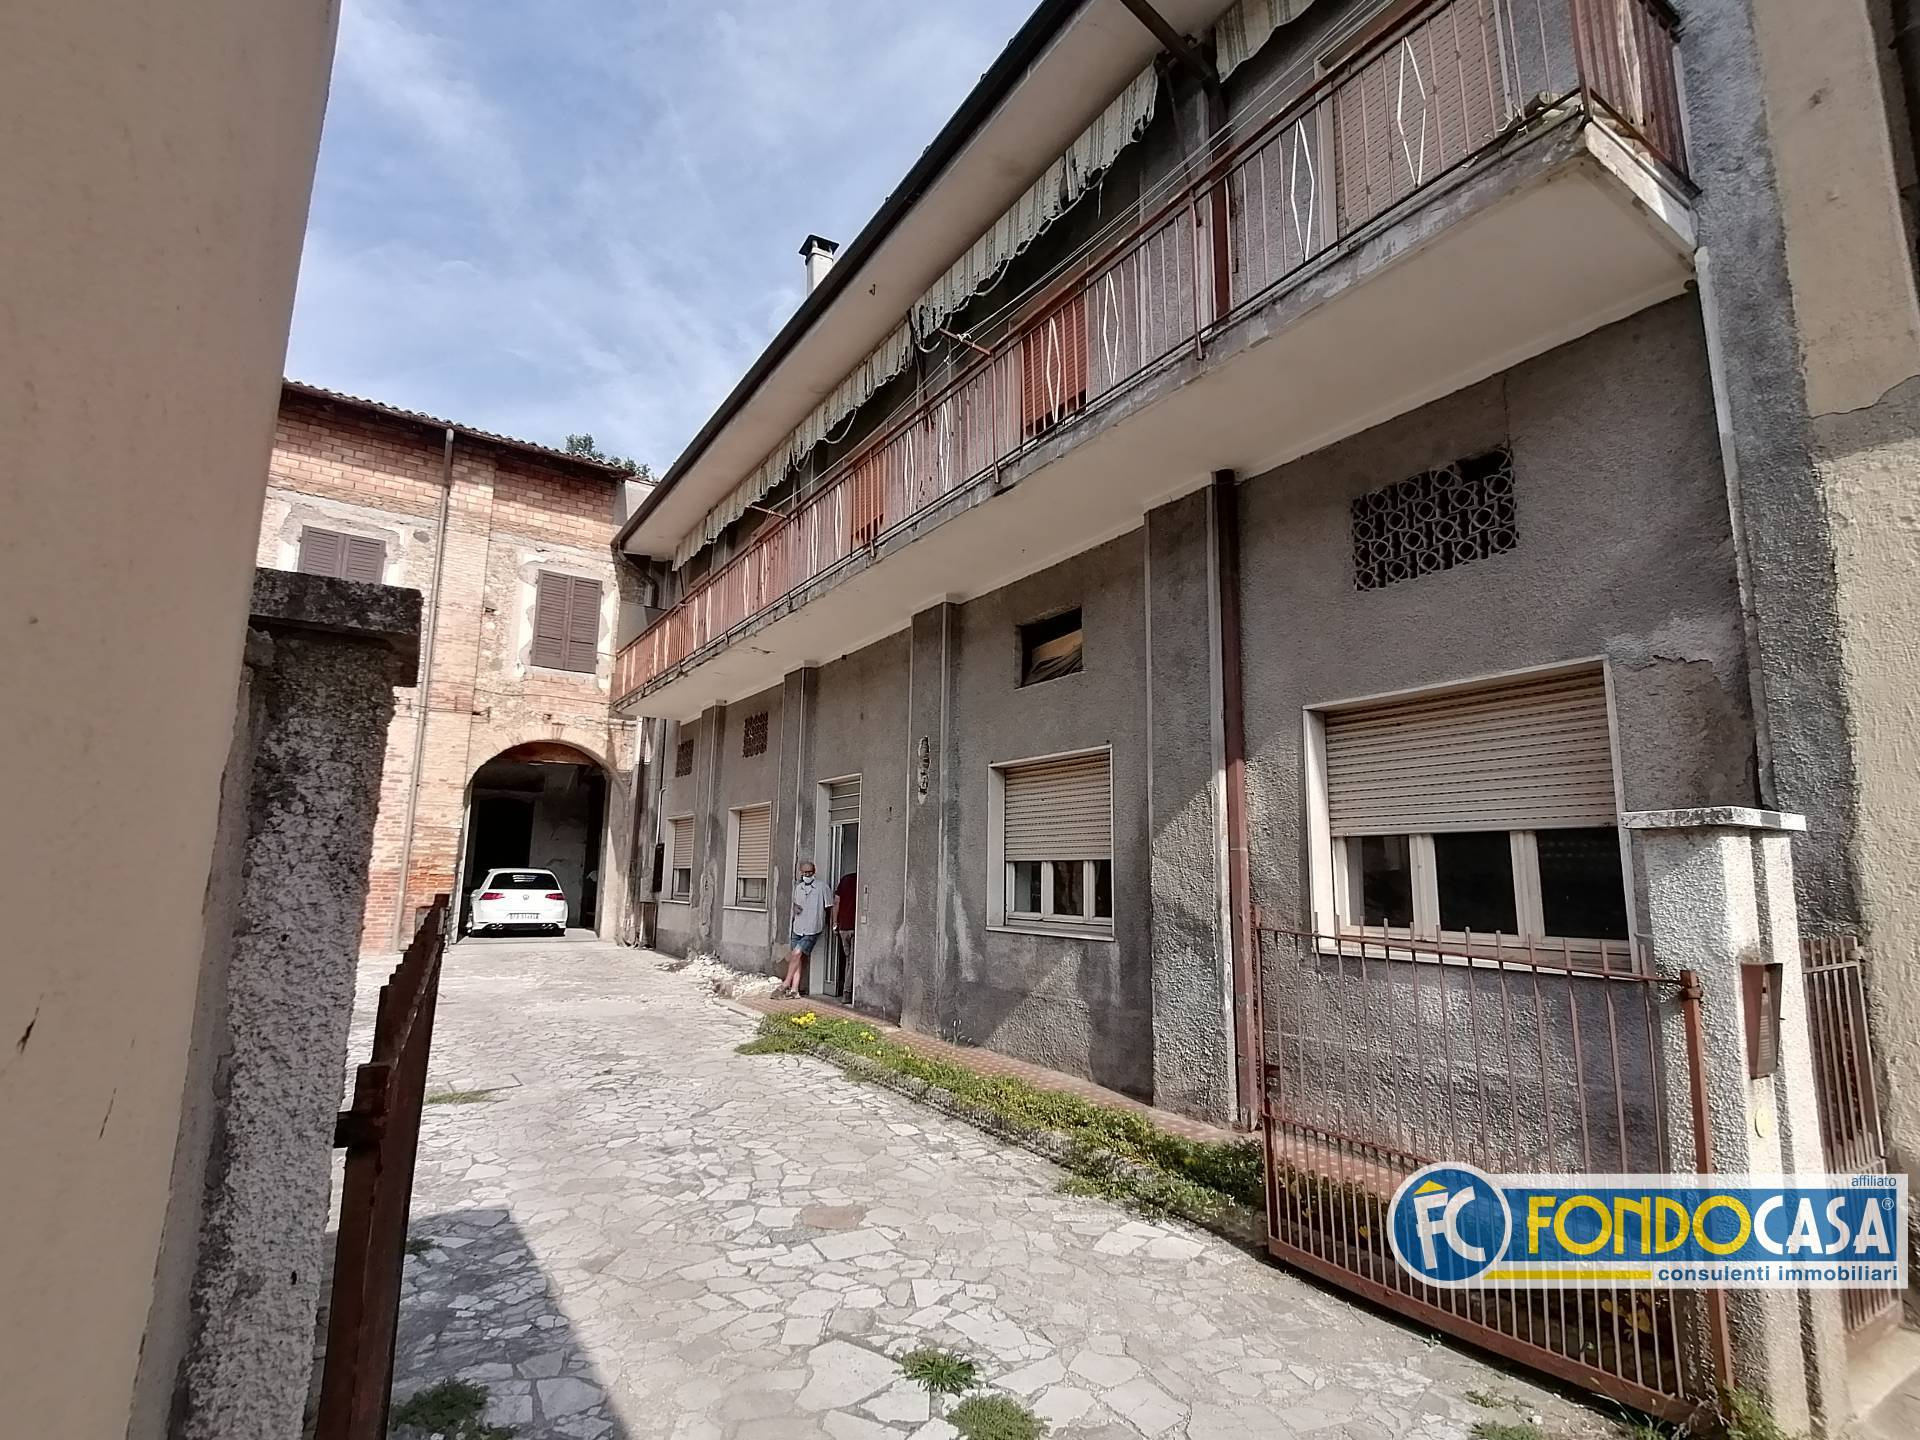 Appartamento in vendita a Bedizzole, 3 locali, prezzo € 49.900 | CambioCasa.it